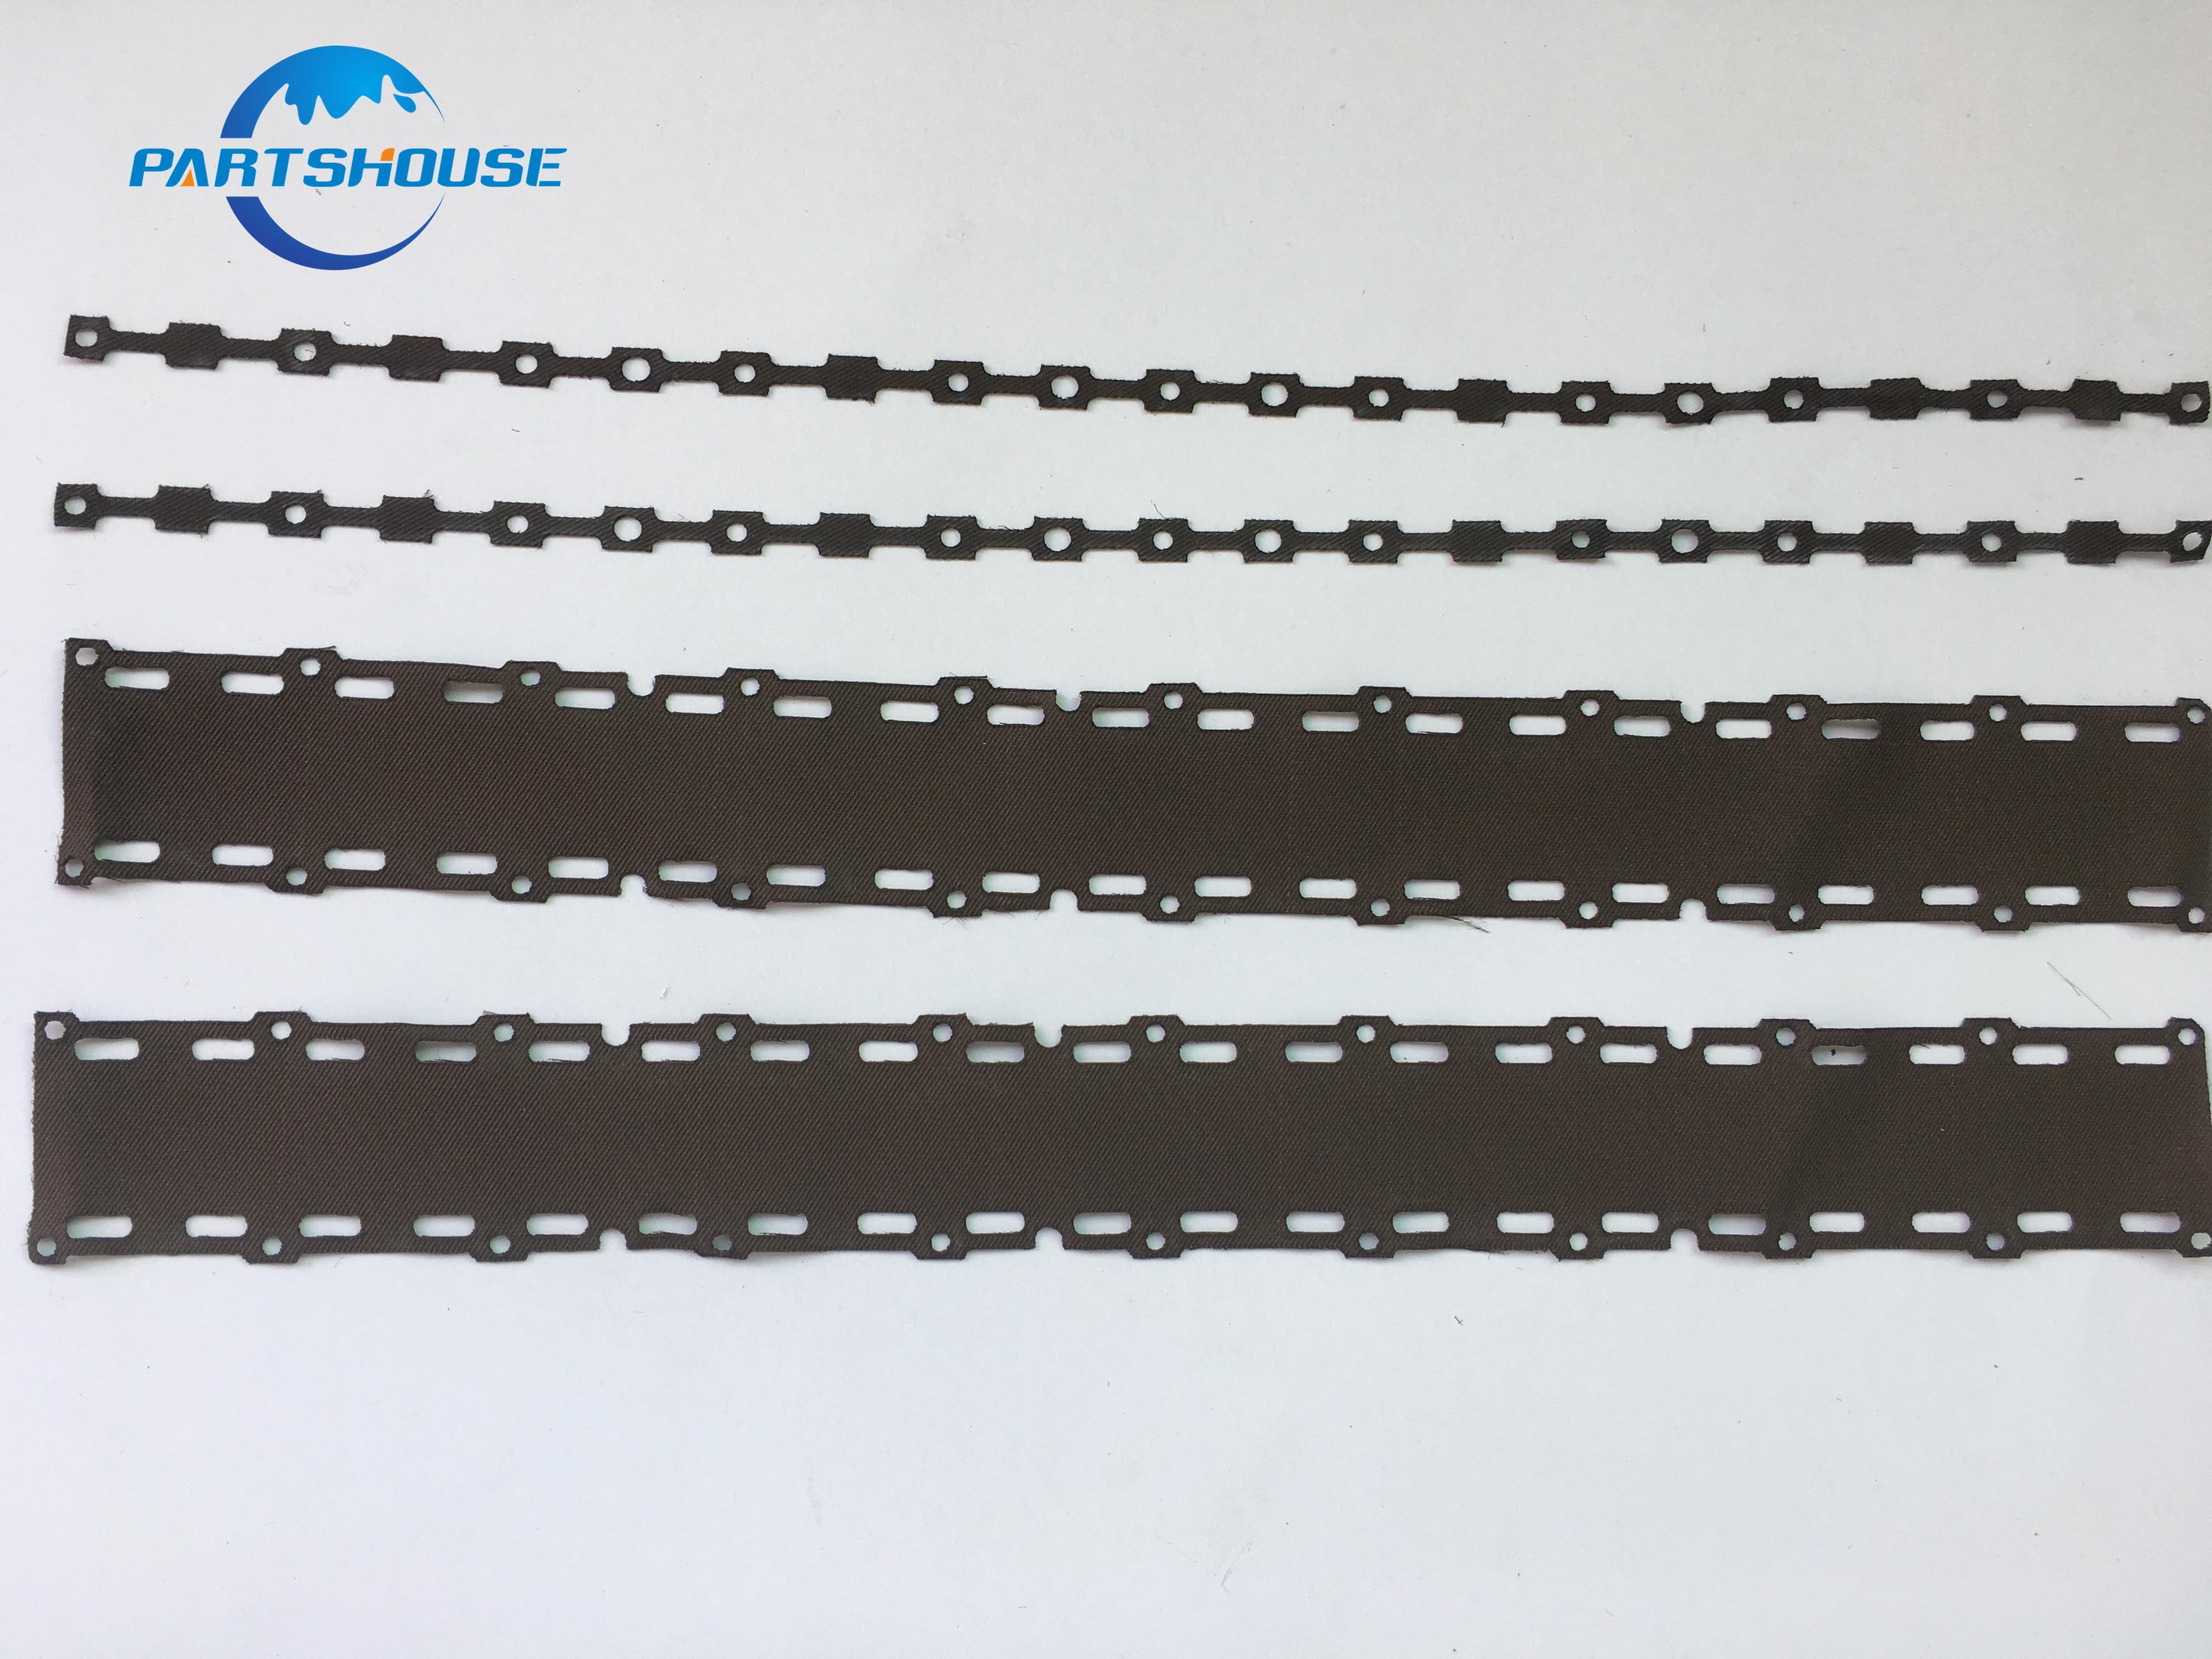 1 шт. копировальная машина, фиксирующая масло, хлопковая ткань для Ricoh Aficio MPC5502 MPC3002 MPC3502 MPC4502 4502A C5502A, детали для пускового устройства, полосова...